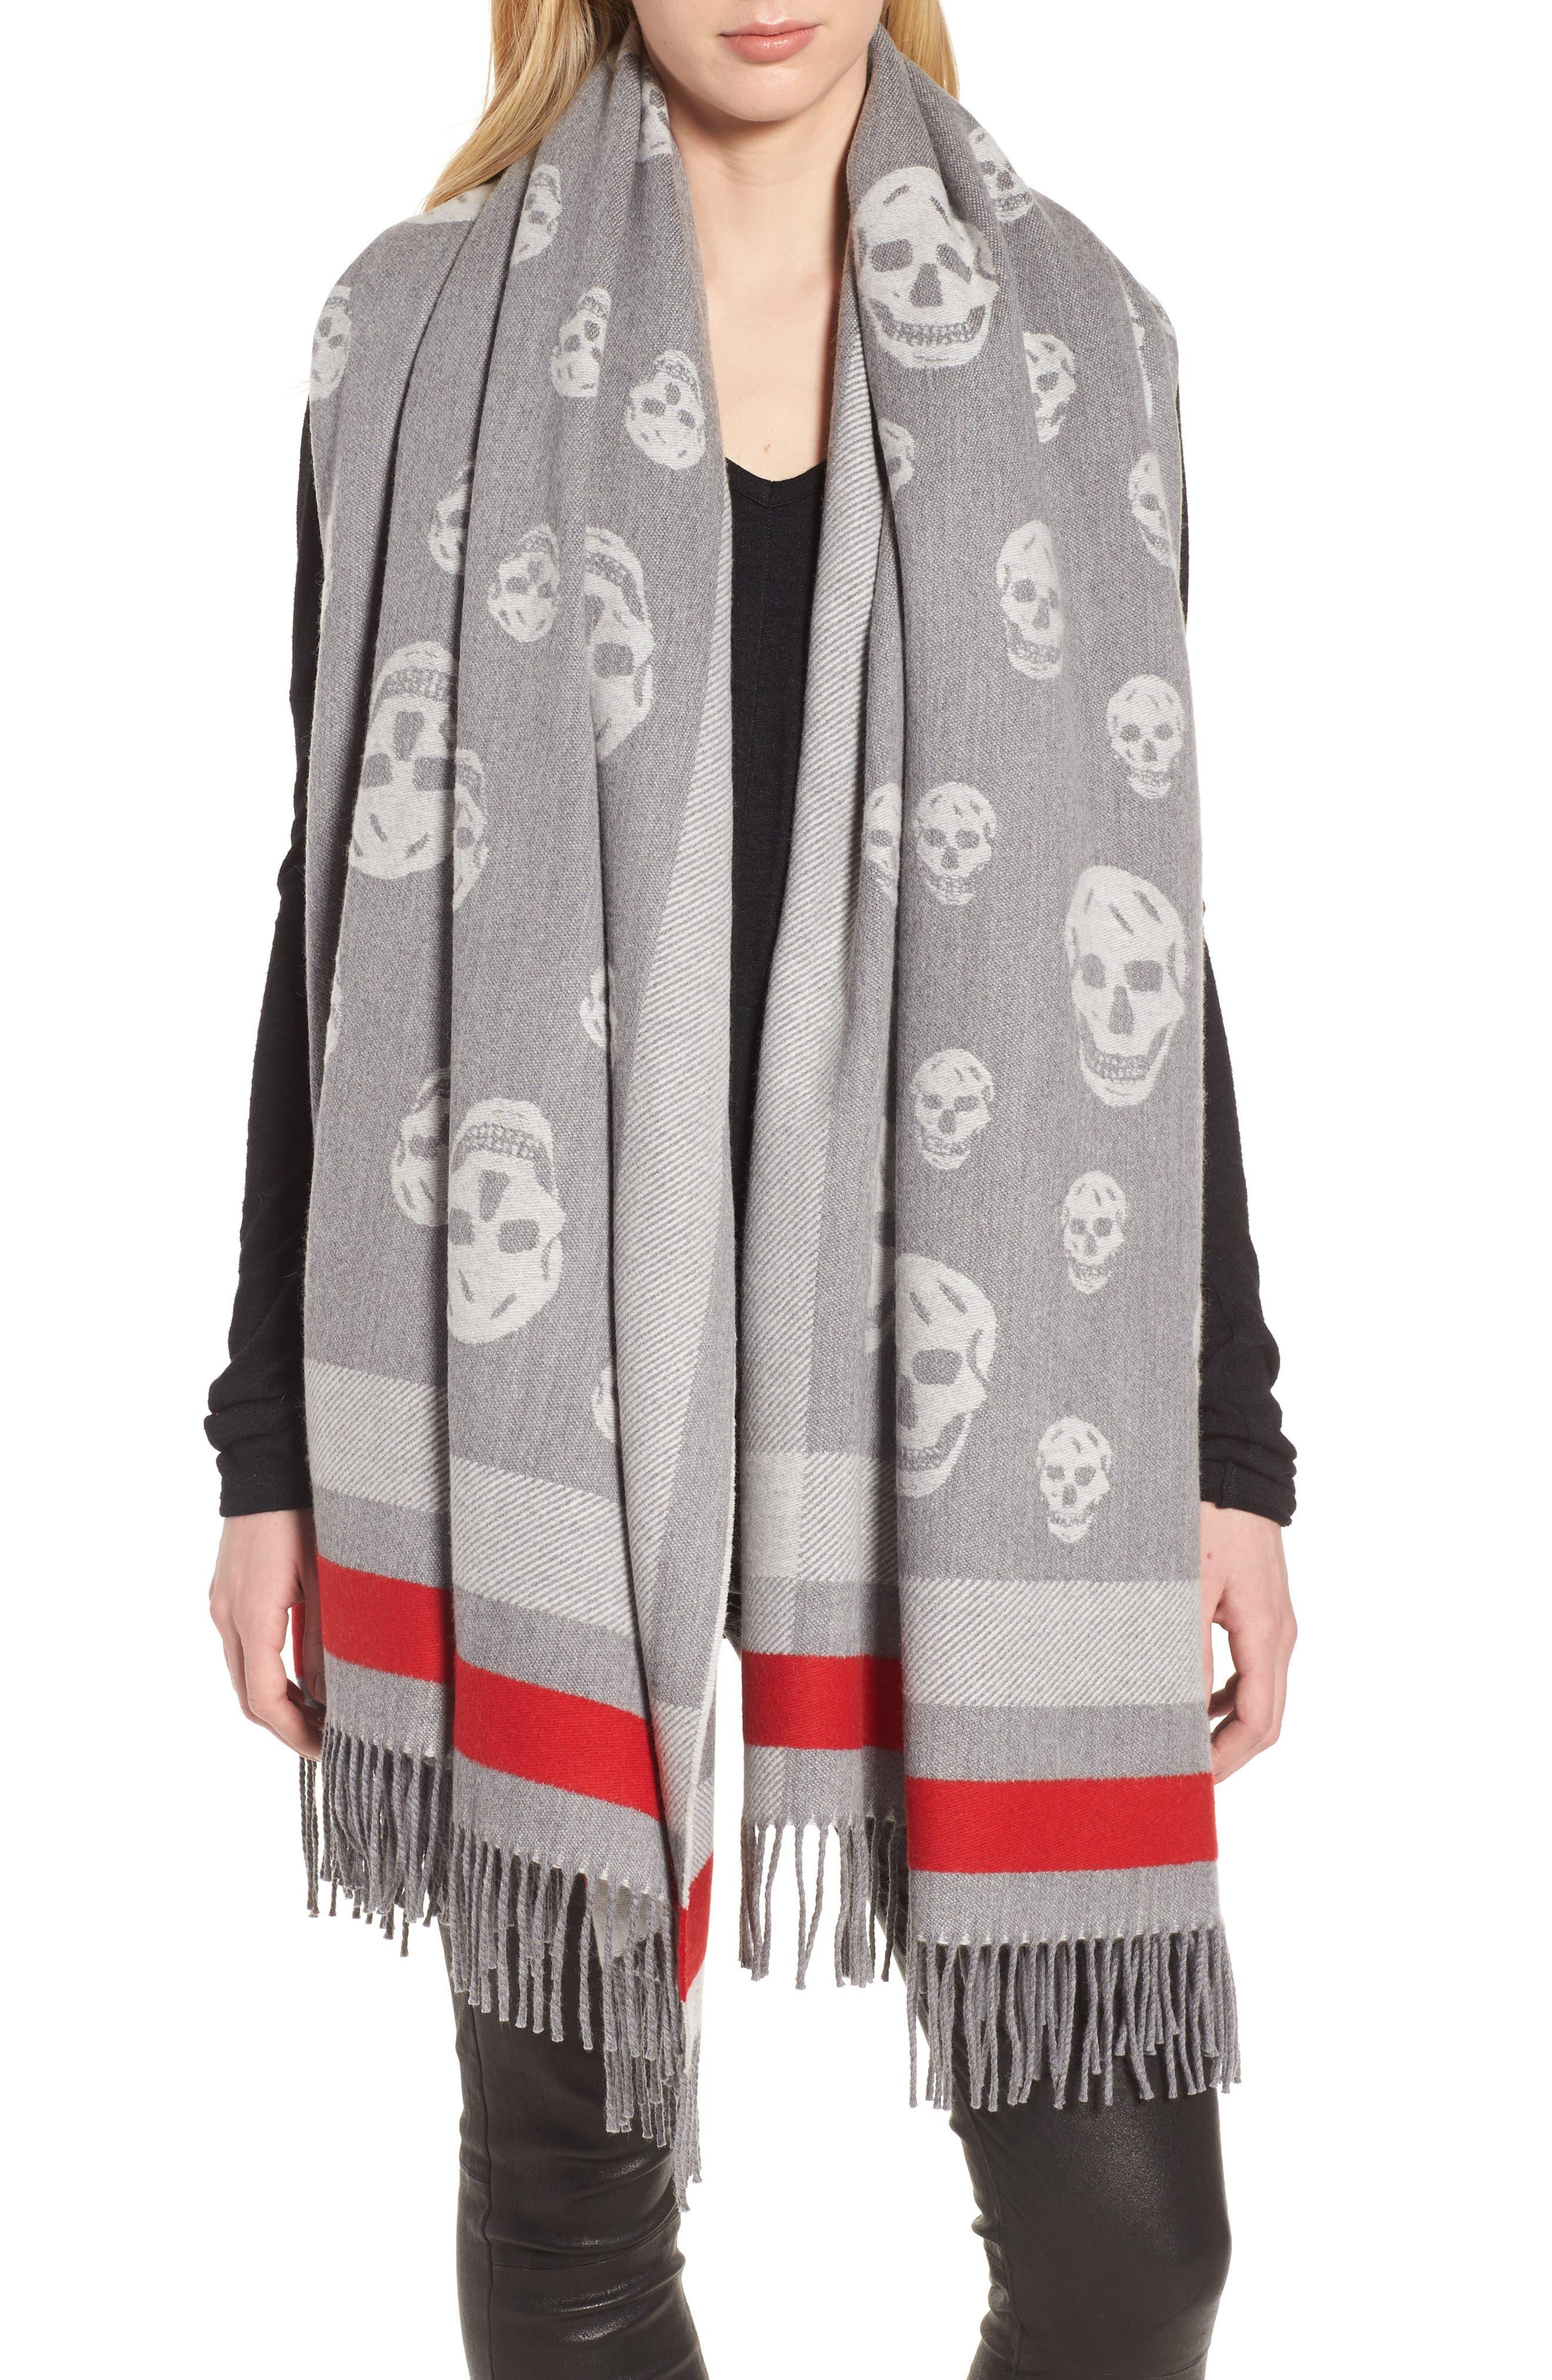 Alexander McQueen Skull Wool & Cashmere Scarf